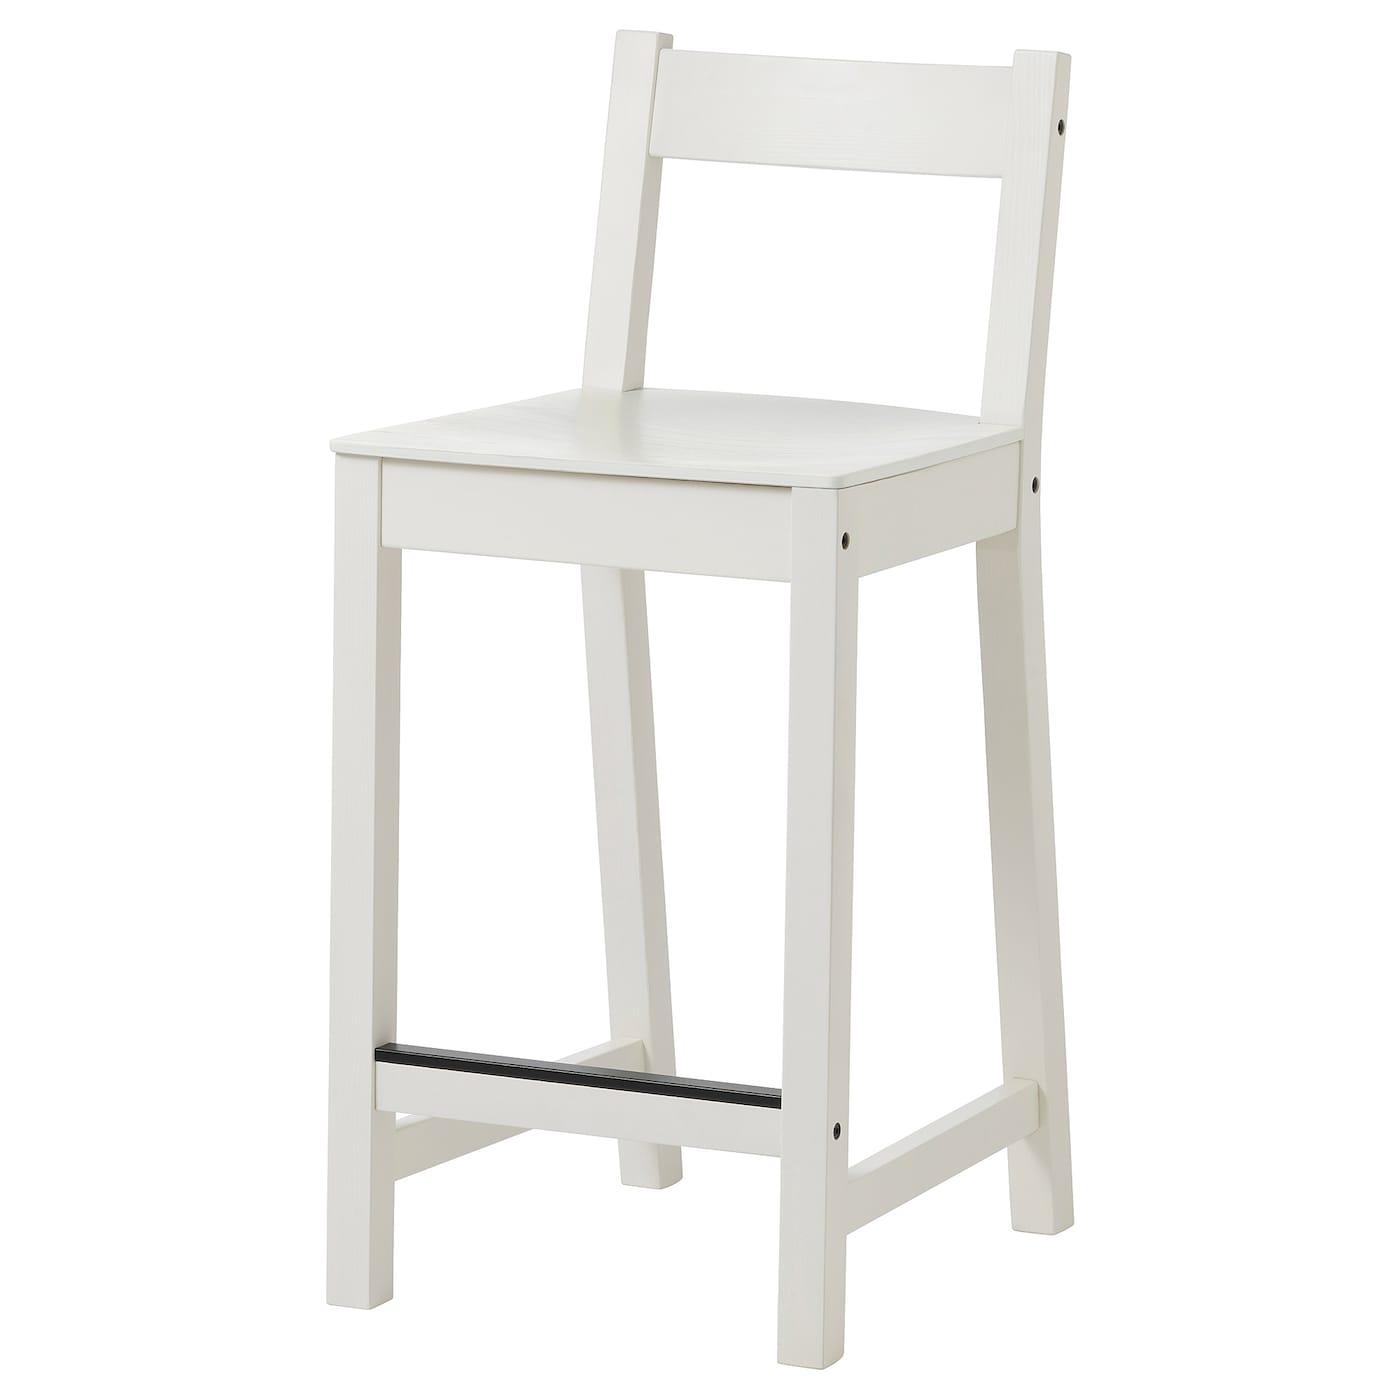 Nordviken Barhocker Weiss Heute Noch Kaufen Ikea Deutschland